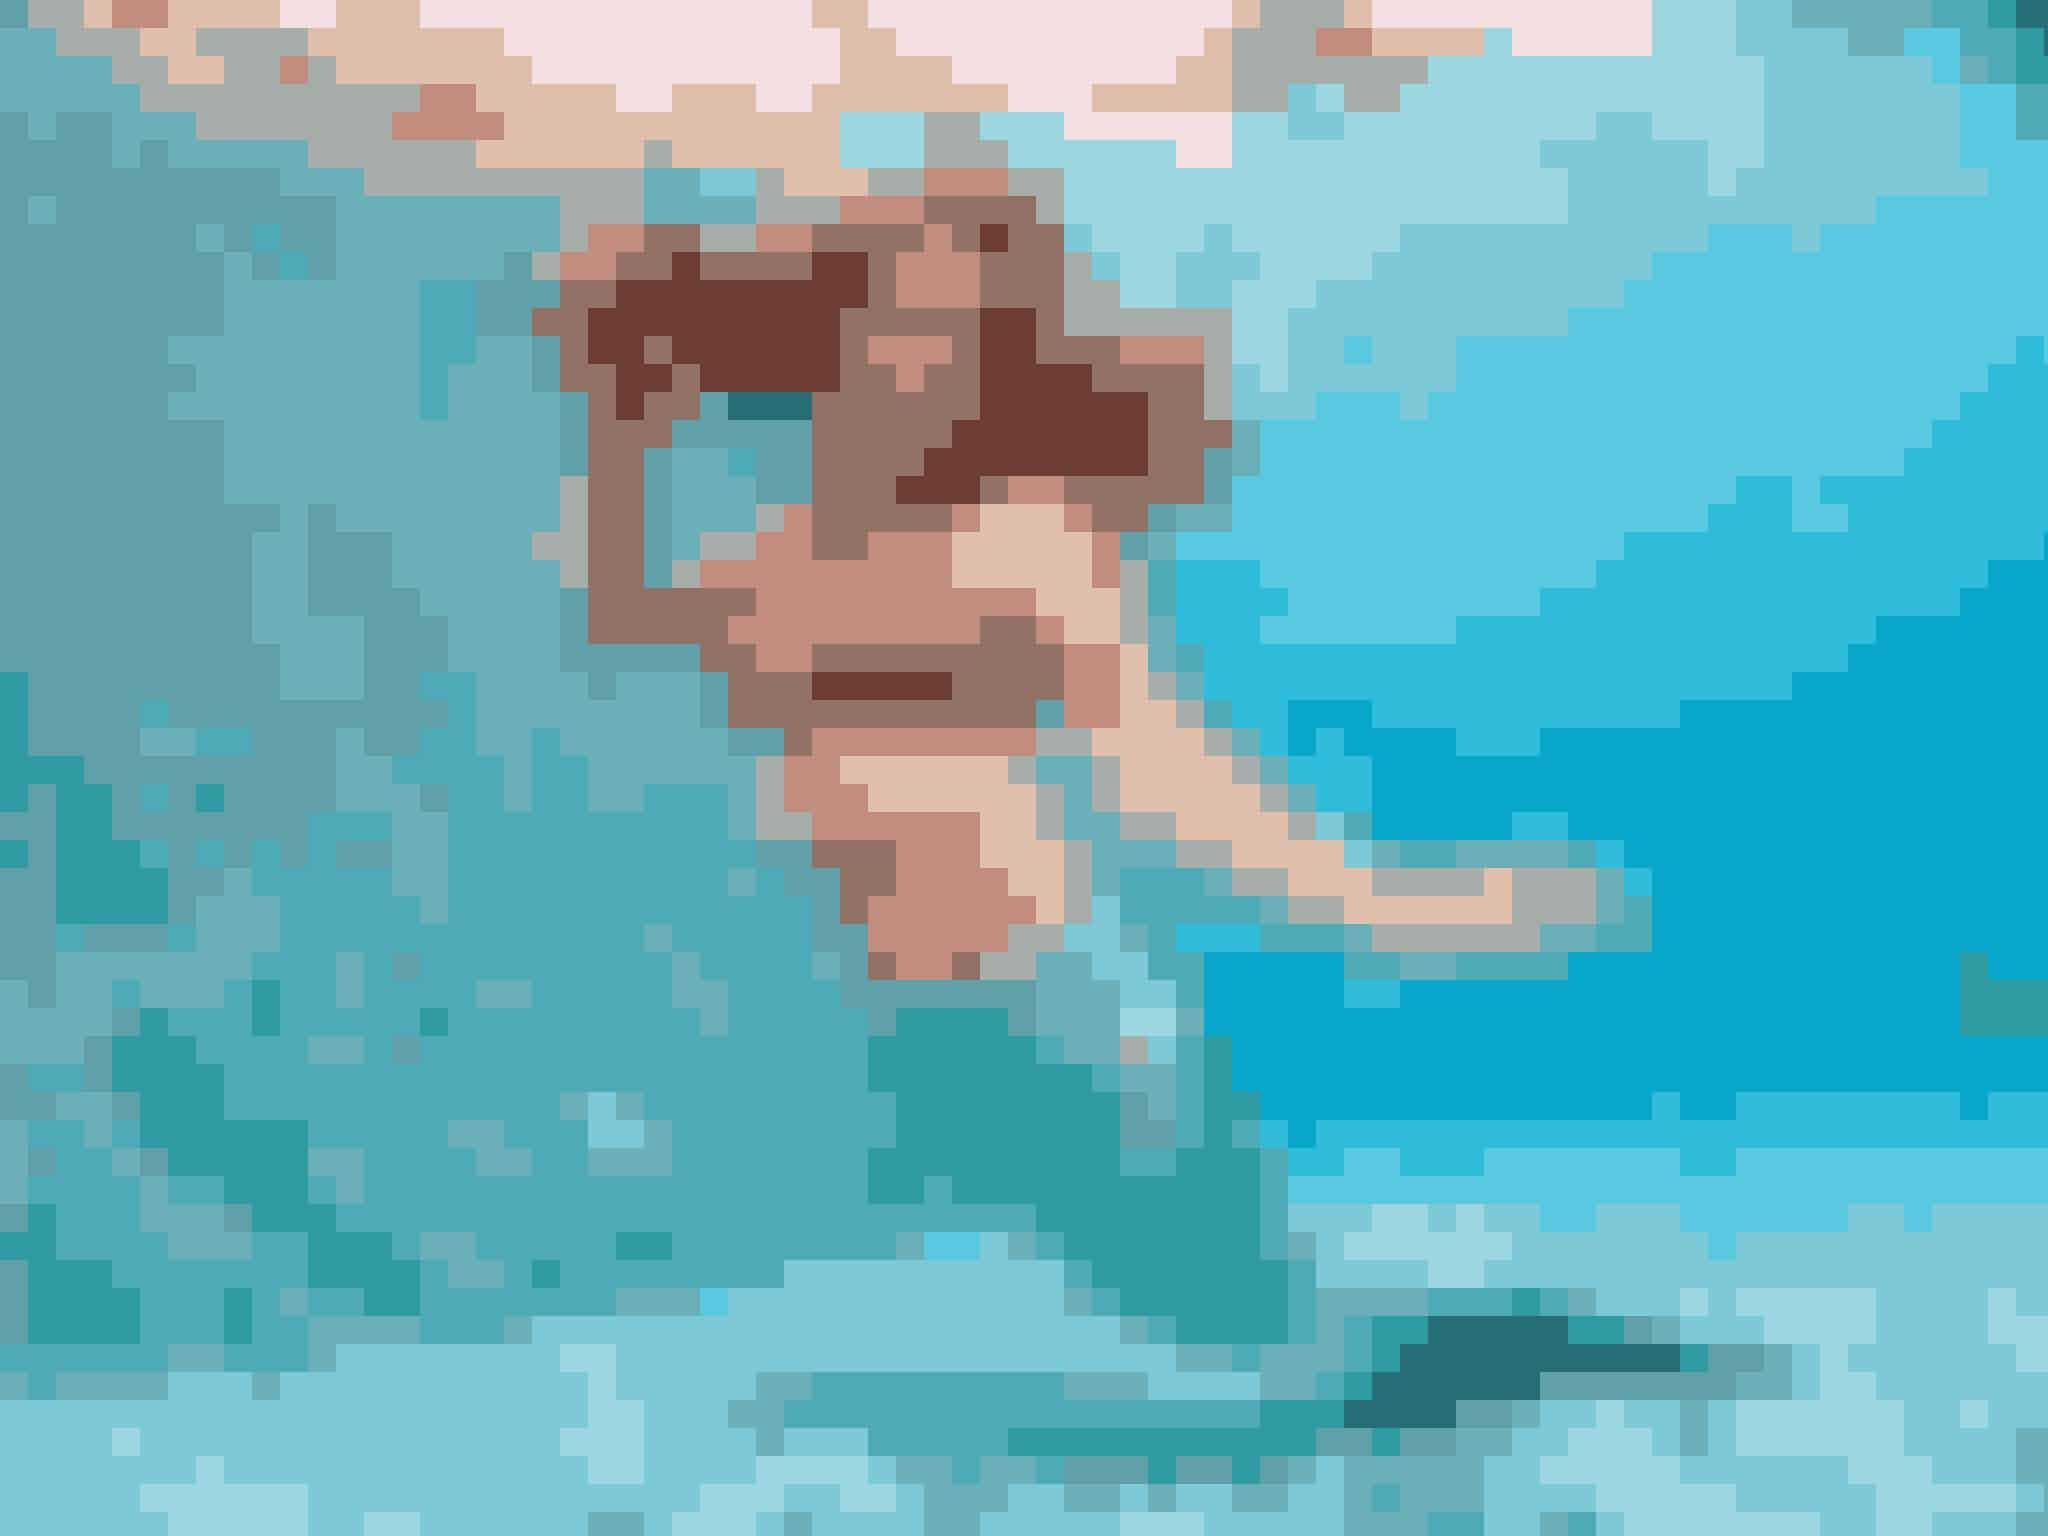 Melanie er virkelighedens havfrue.